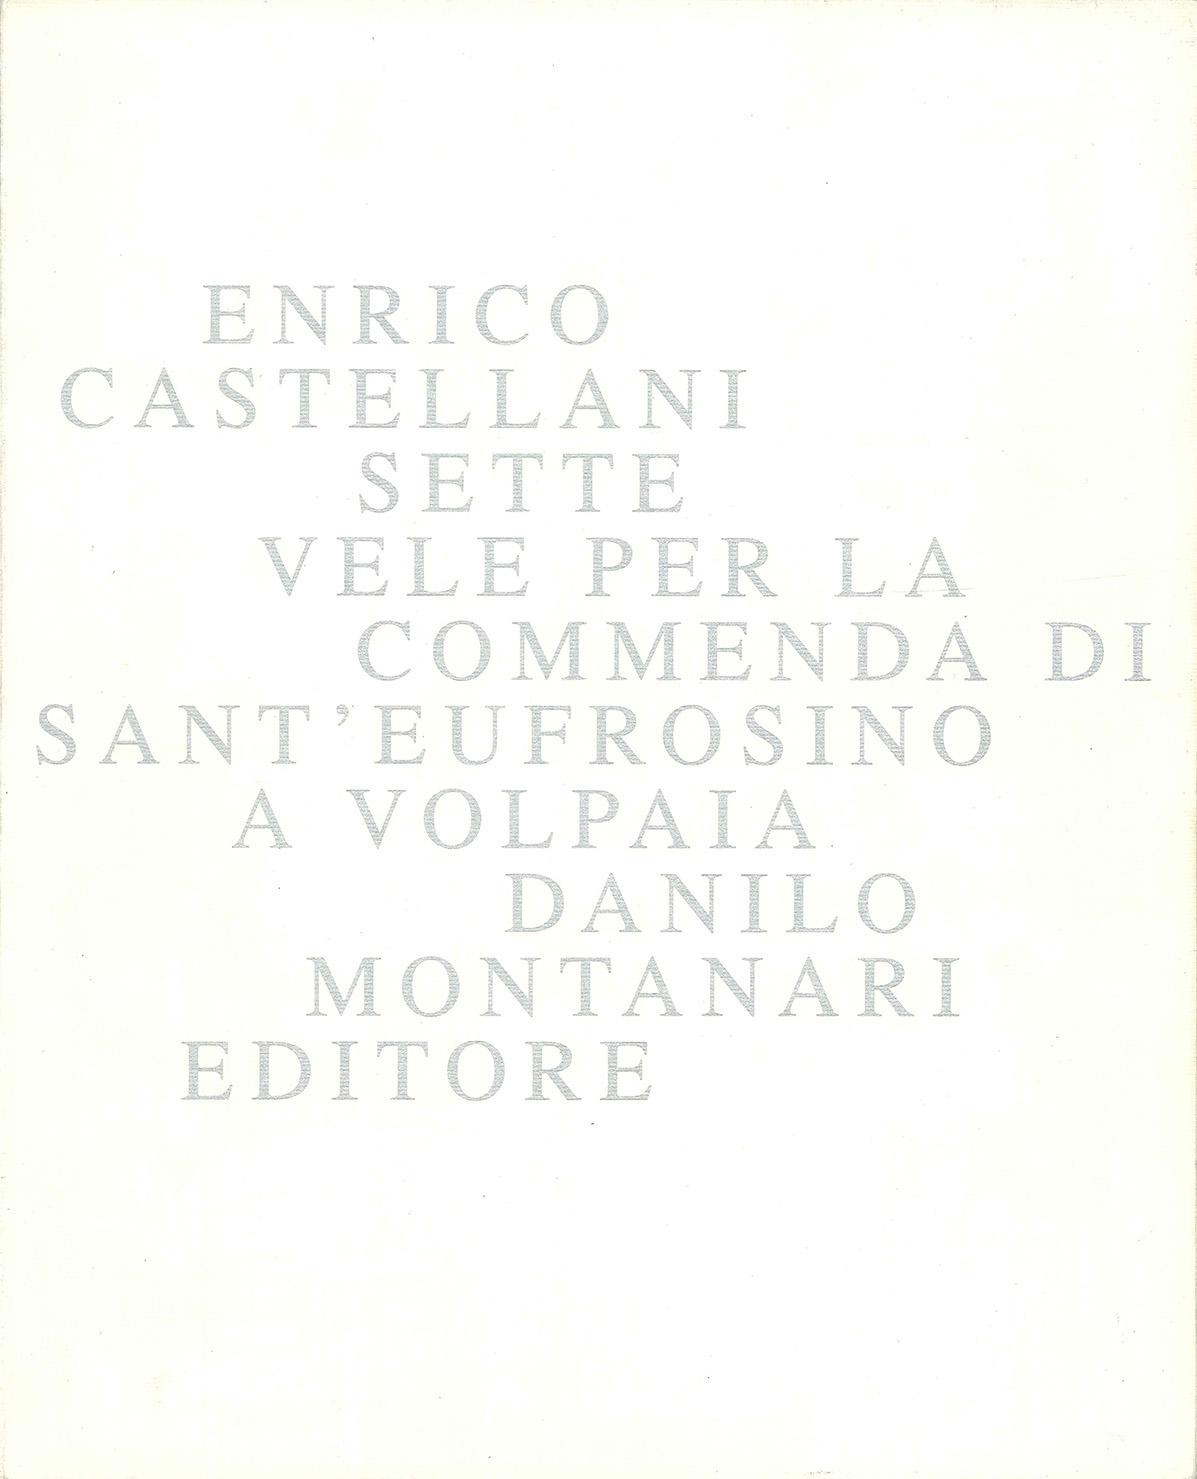 Cover - Enrico Castellani - Sette vele per la commenda di Sant'Eufrosino a Volpaia, Adriano Sofri, 1998, Castello di Volpaia, Radda in Chianti (SI), Danilo Montanari Editore, Ravenna